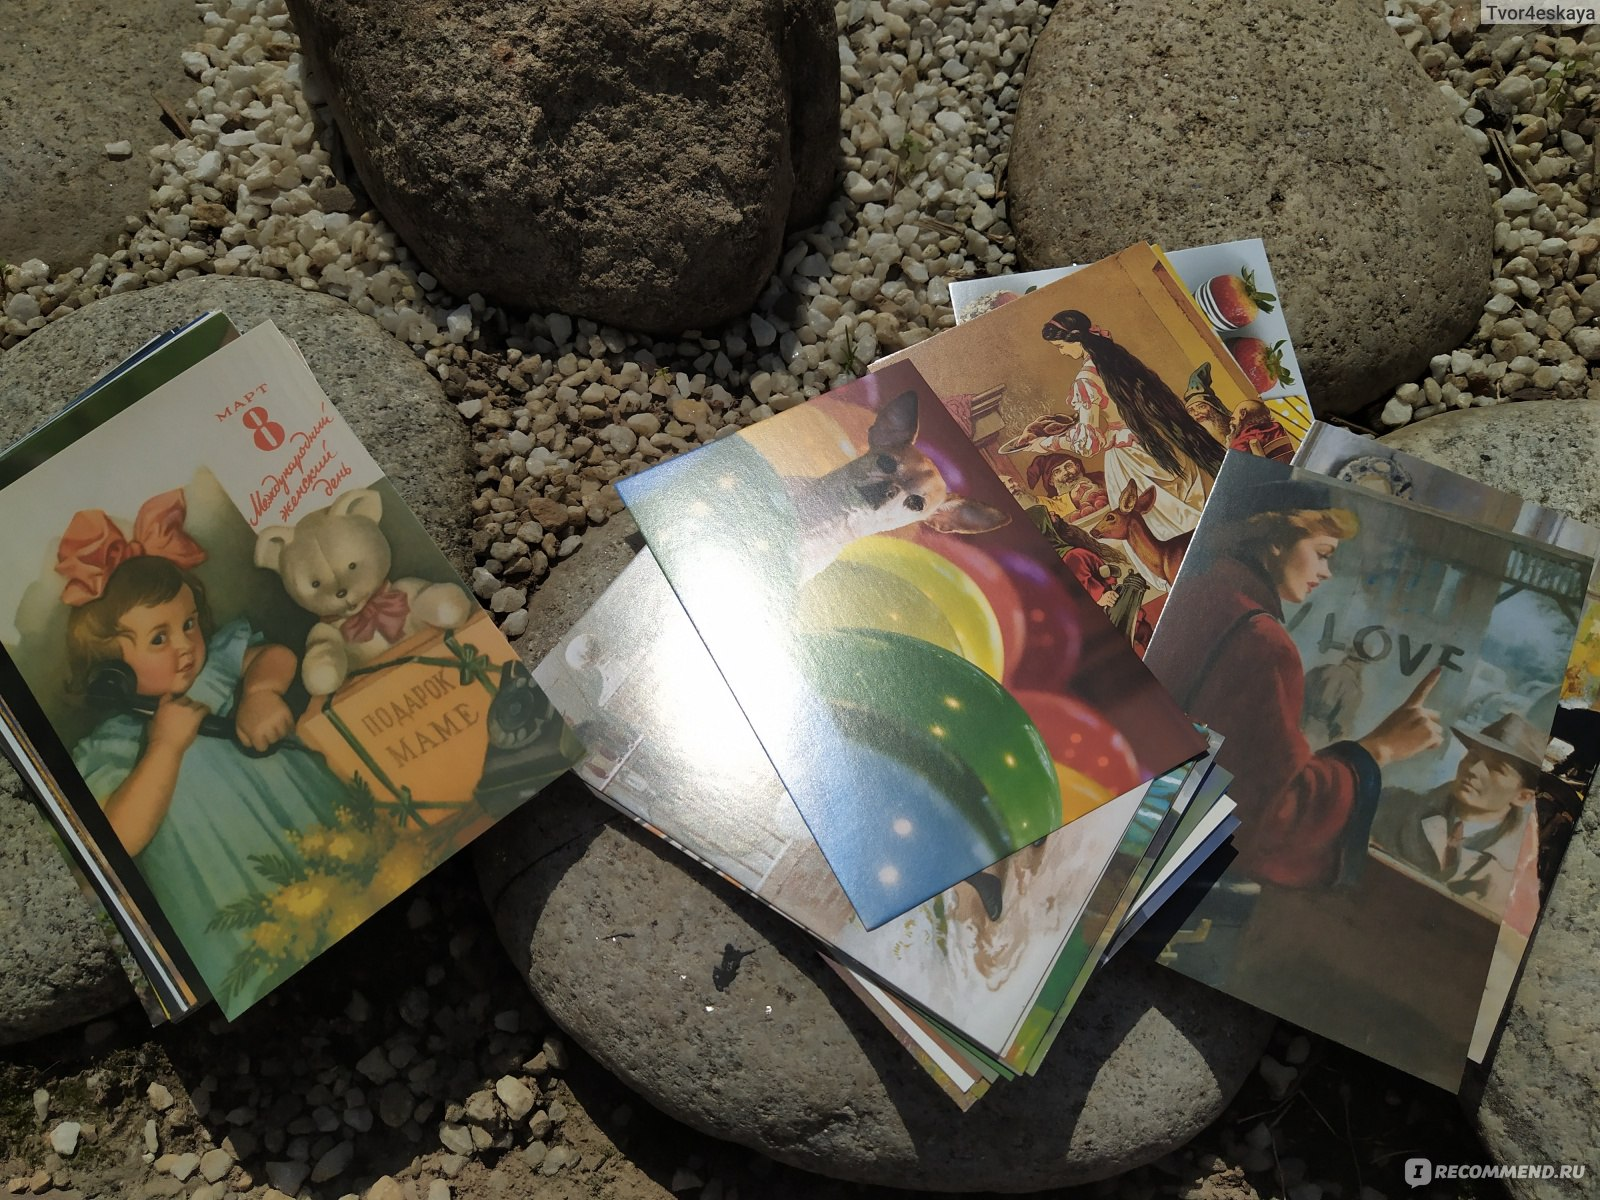 Набор открыток 100 открыток для посткроссинга